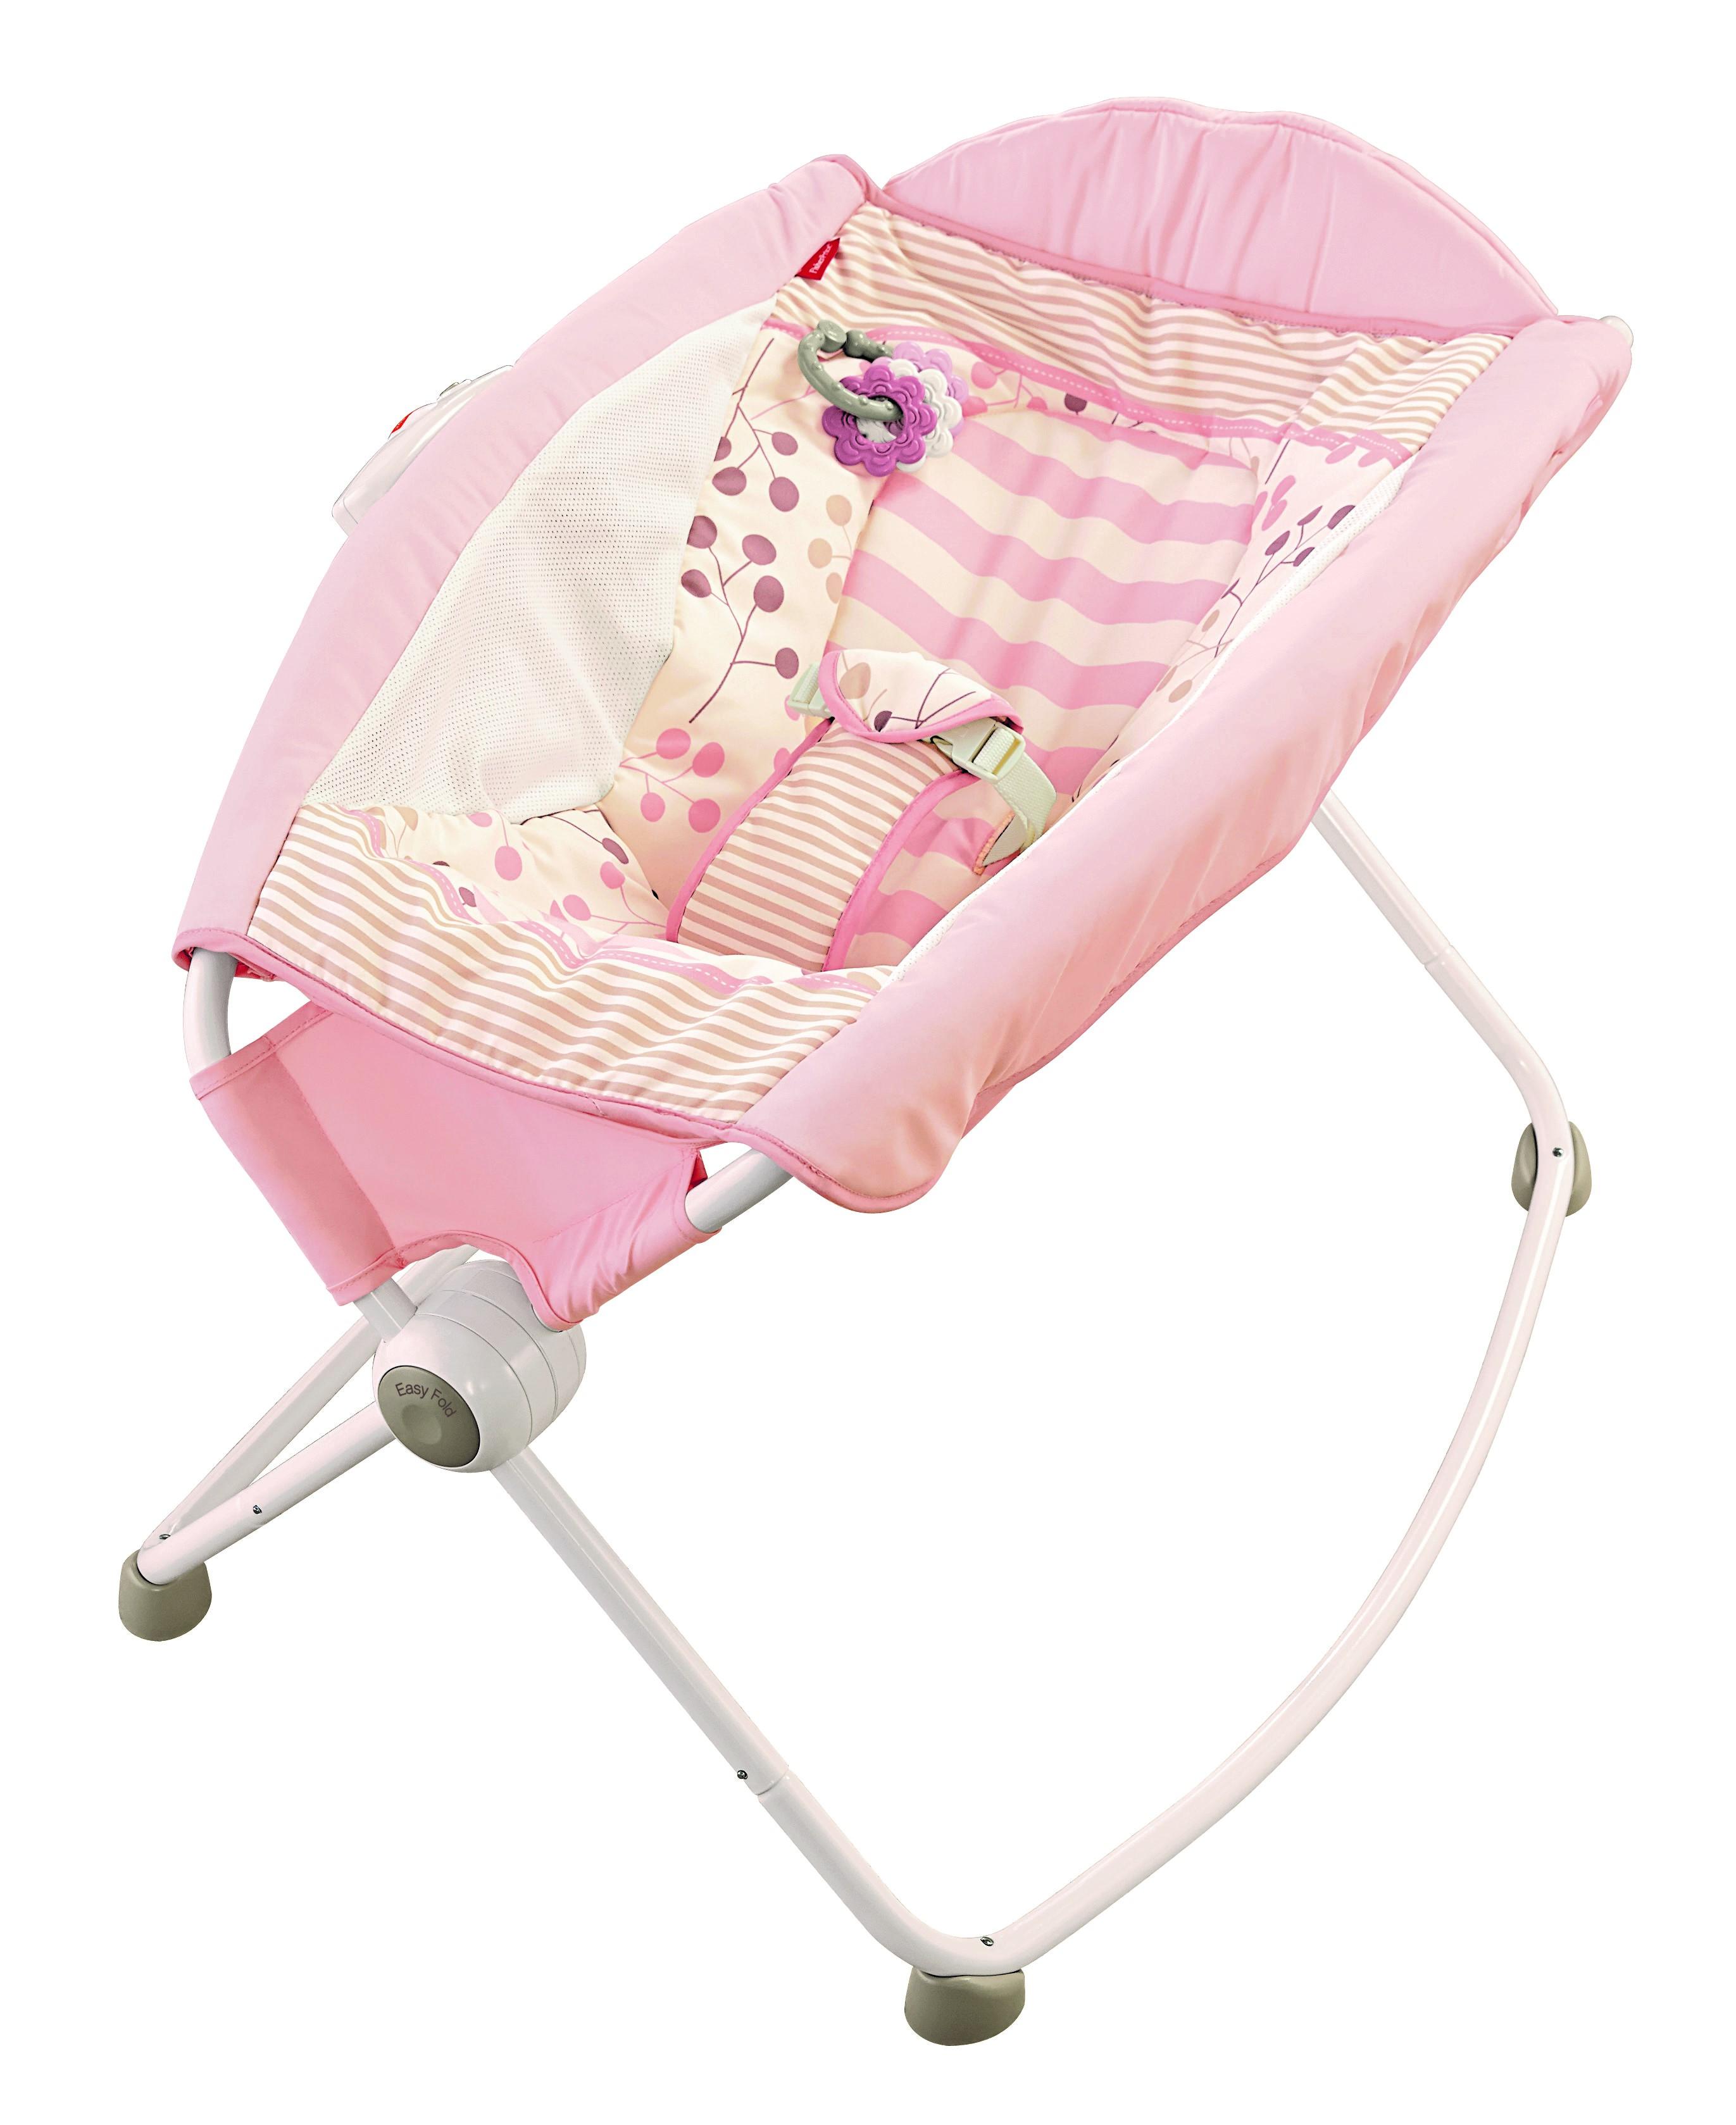 9d5146dcb Fisher Price retira del mercado la silla Rock'n Play Sleepers, al menos 30  infantes han muerto al rodar en ella | Telemundo